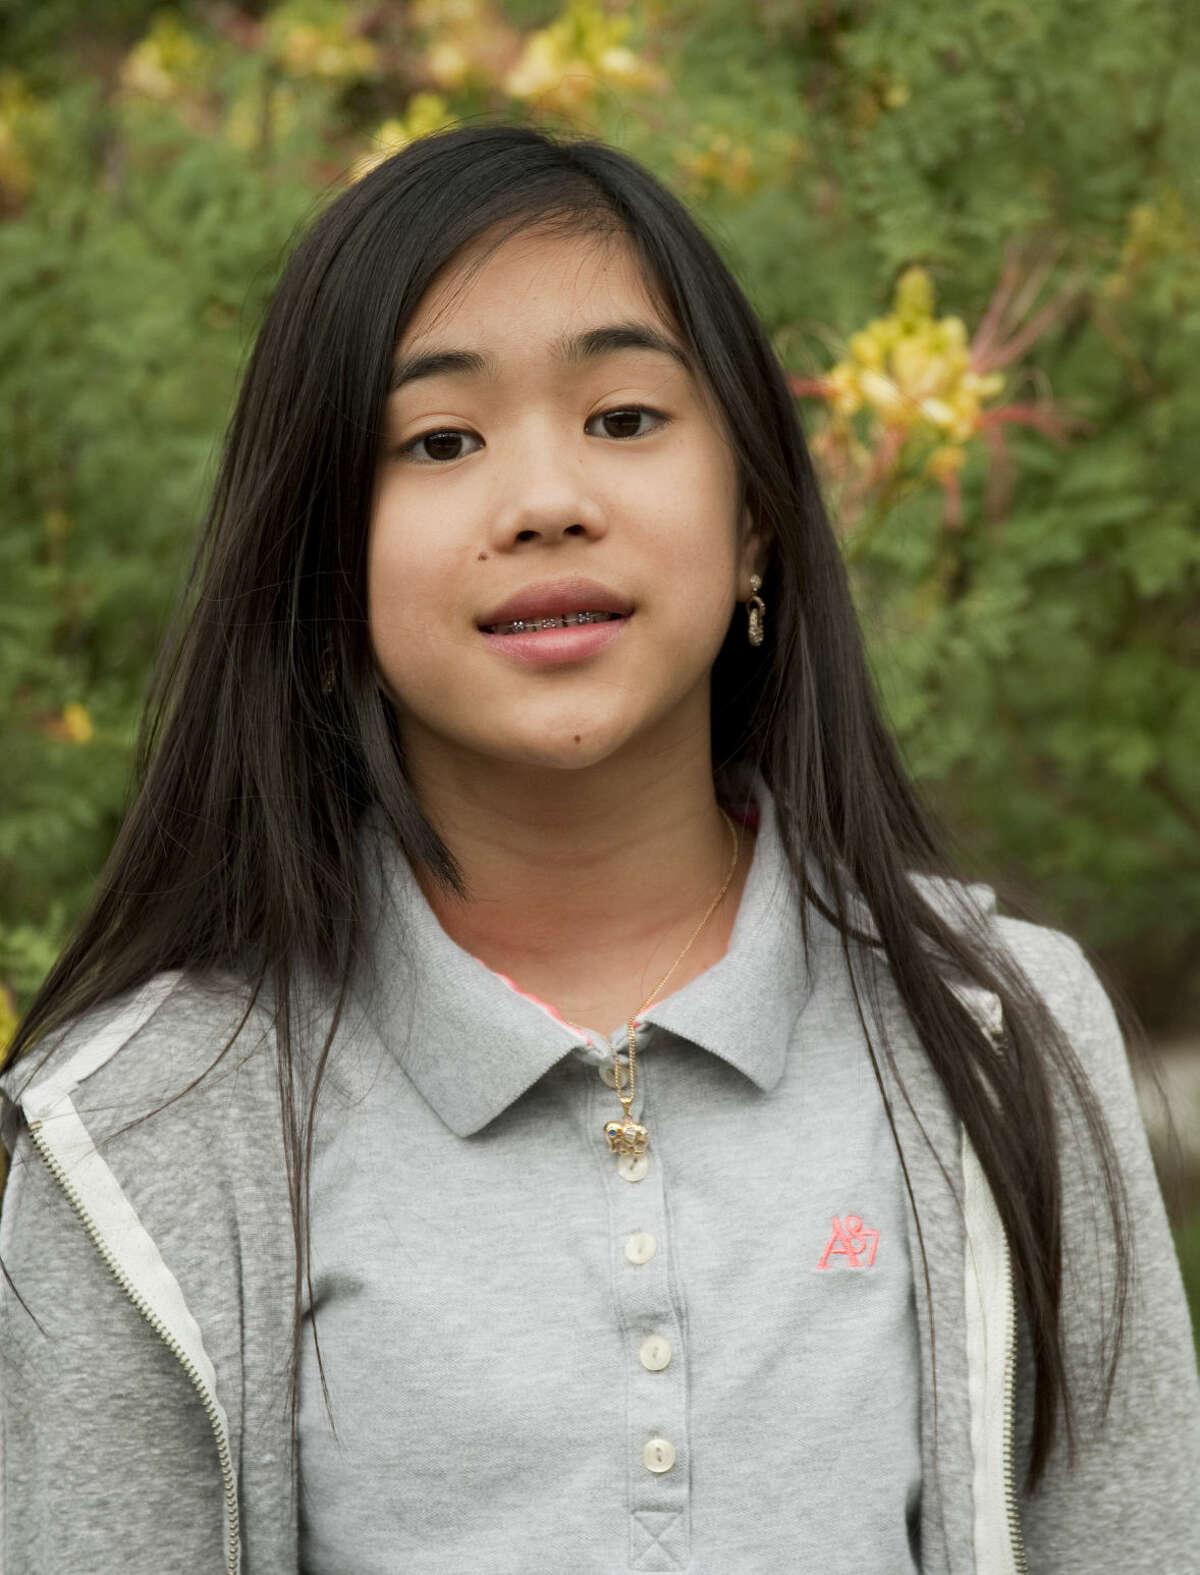 Midland Reporter-Telegram Spelling Bee winner Anna Ngo, Monday, 5-11-15, at Carver Center.